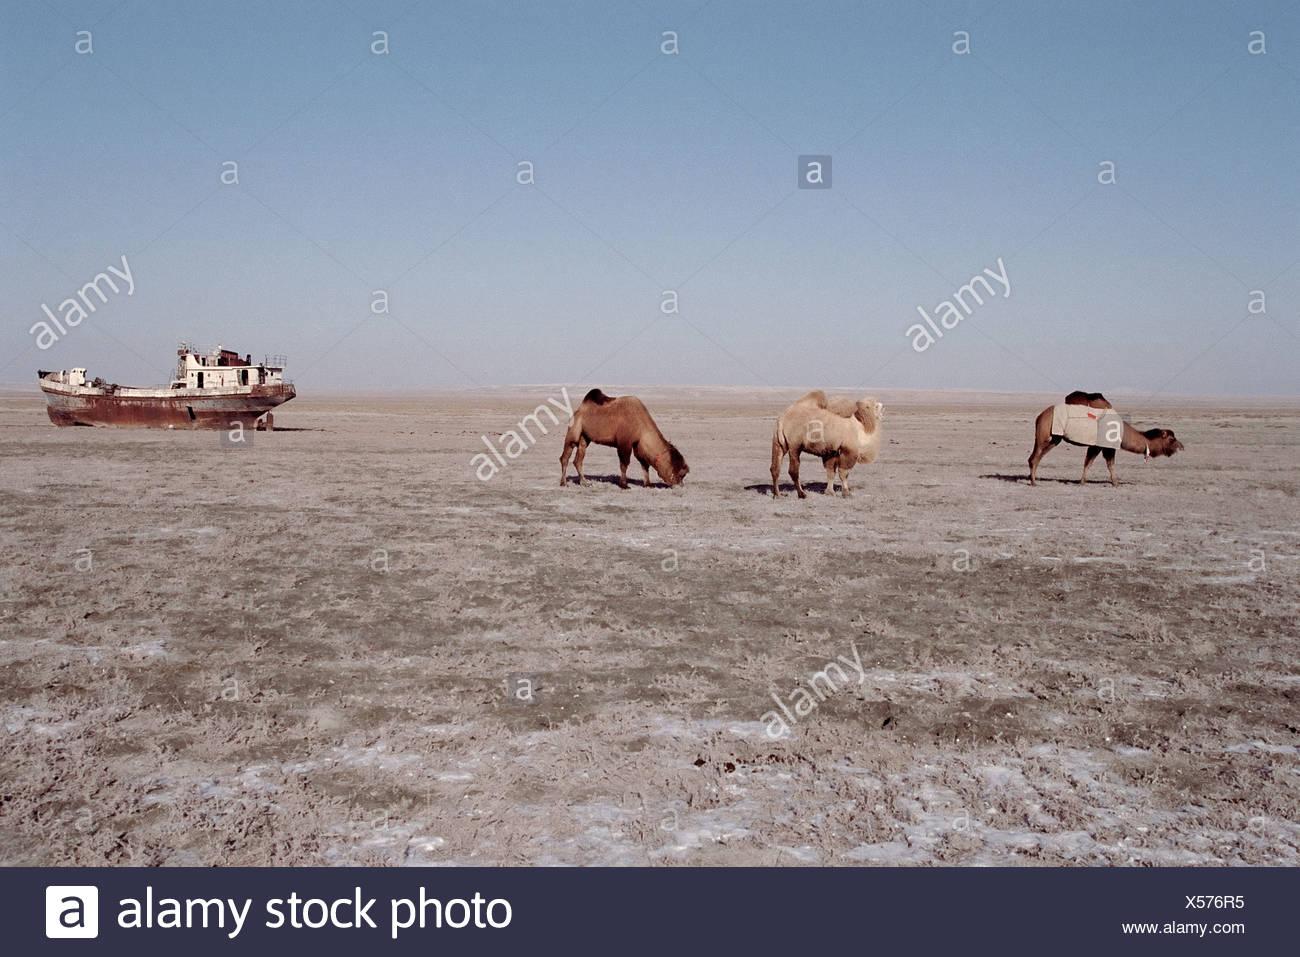 Los camellos pastan donde el pescado una vez nadó Imagen De Stock